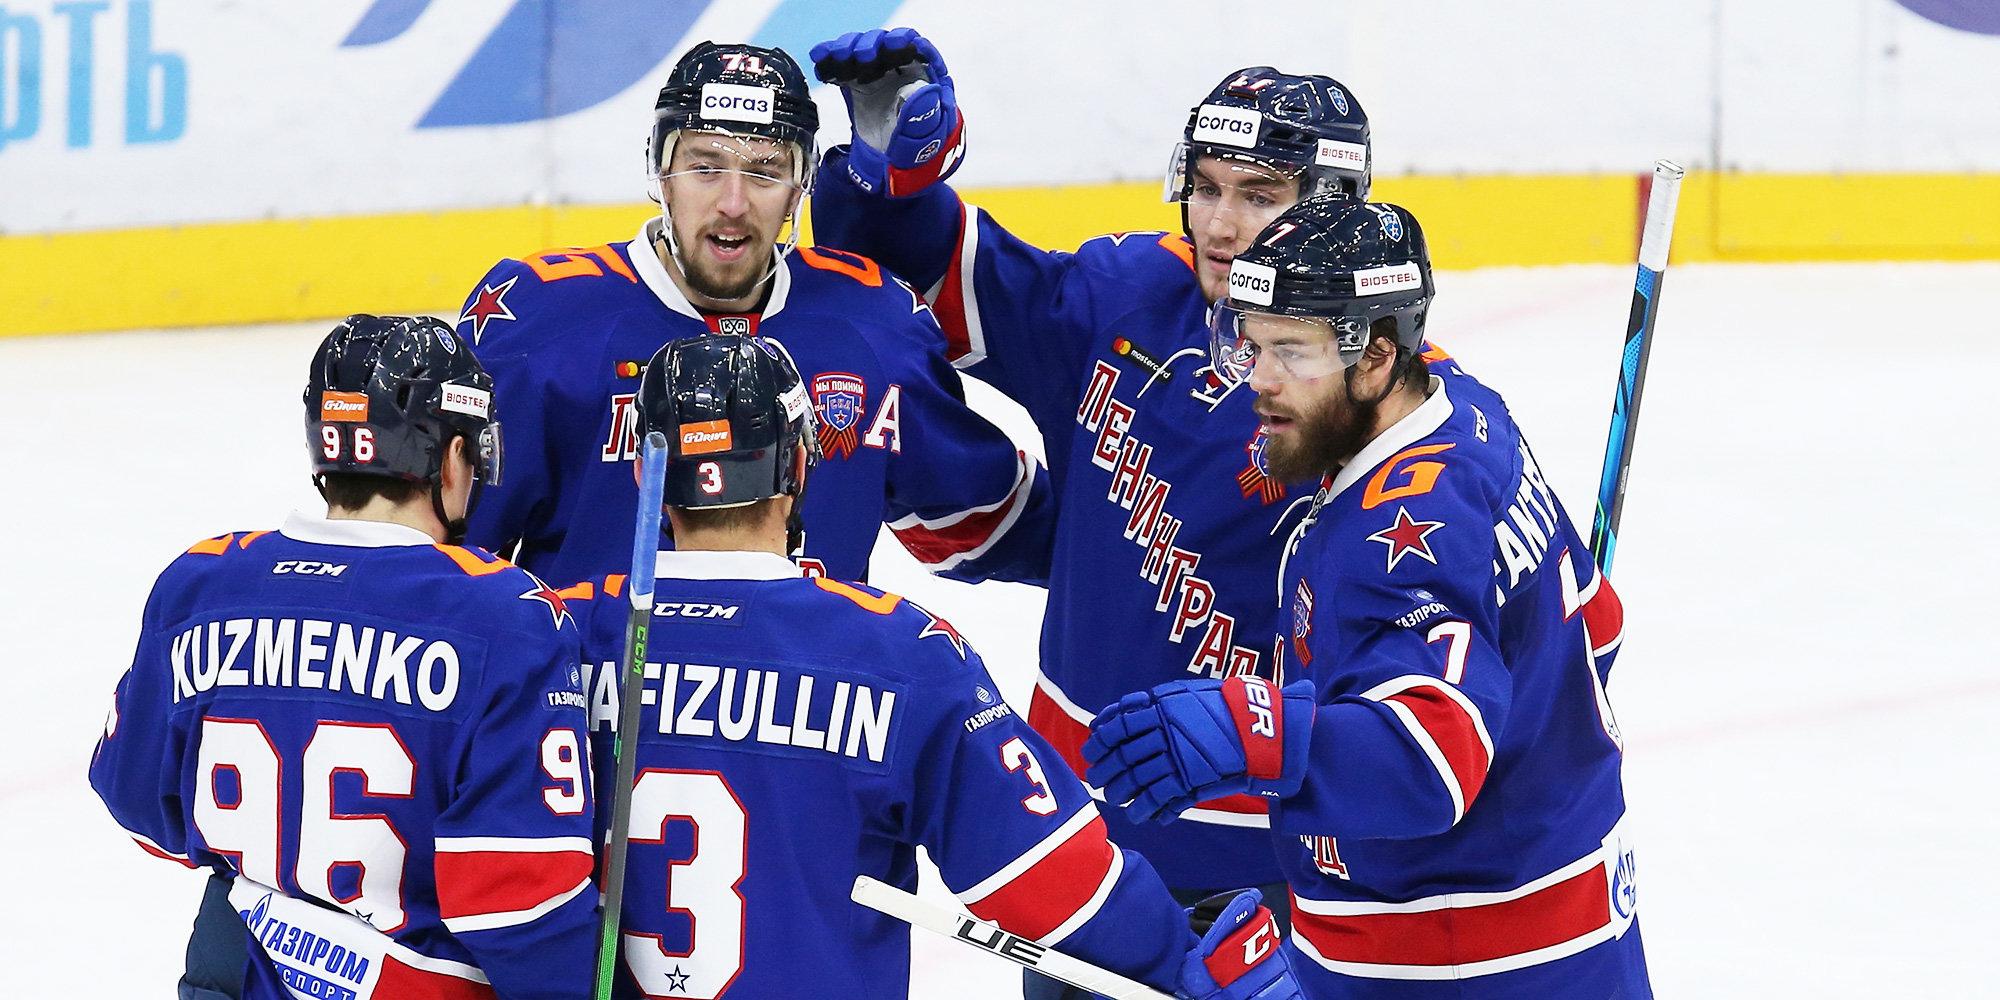 СКА отправил пять безответных шайб в ворота «Спартака» и обеспечил себе место в плей-офф